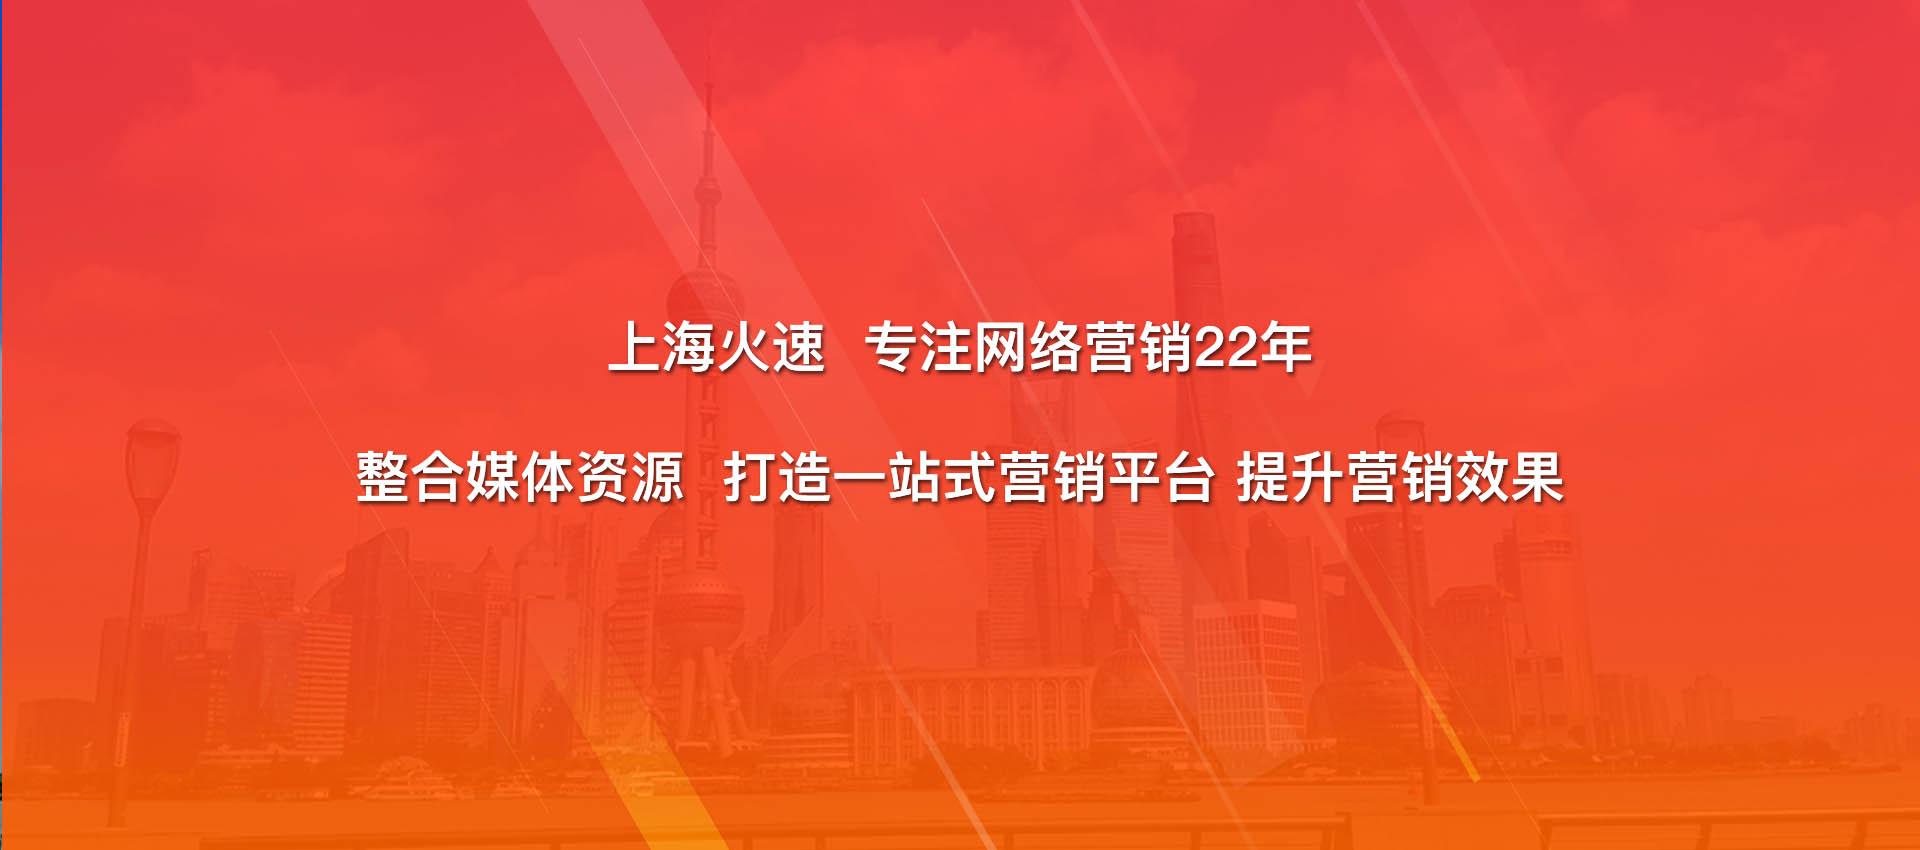 上海火速综合服务